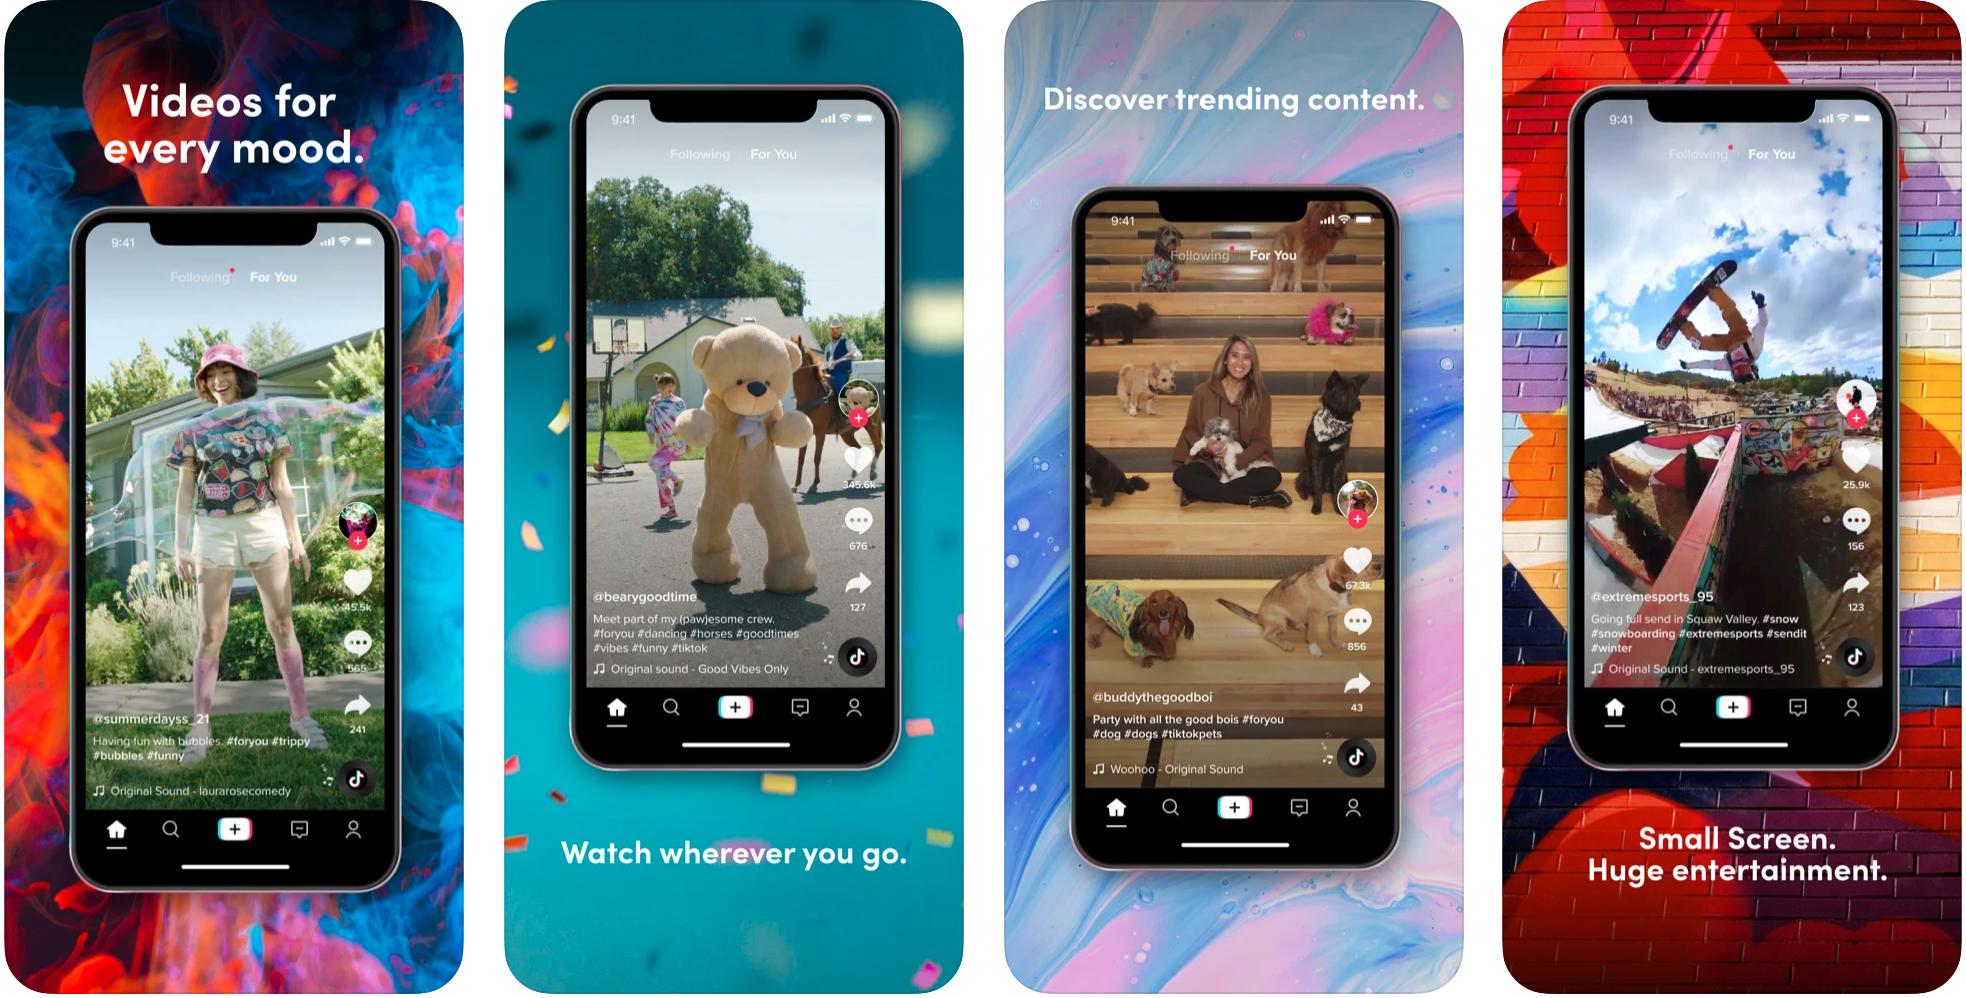 TikTok App Screenshots